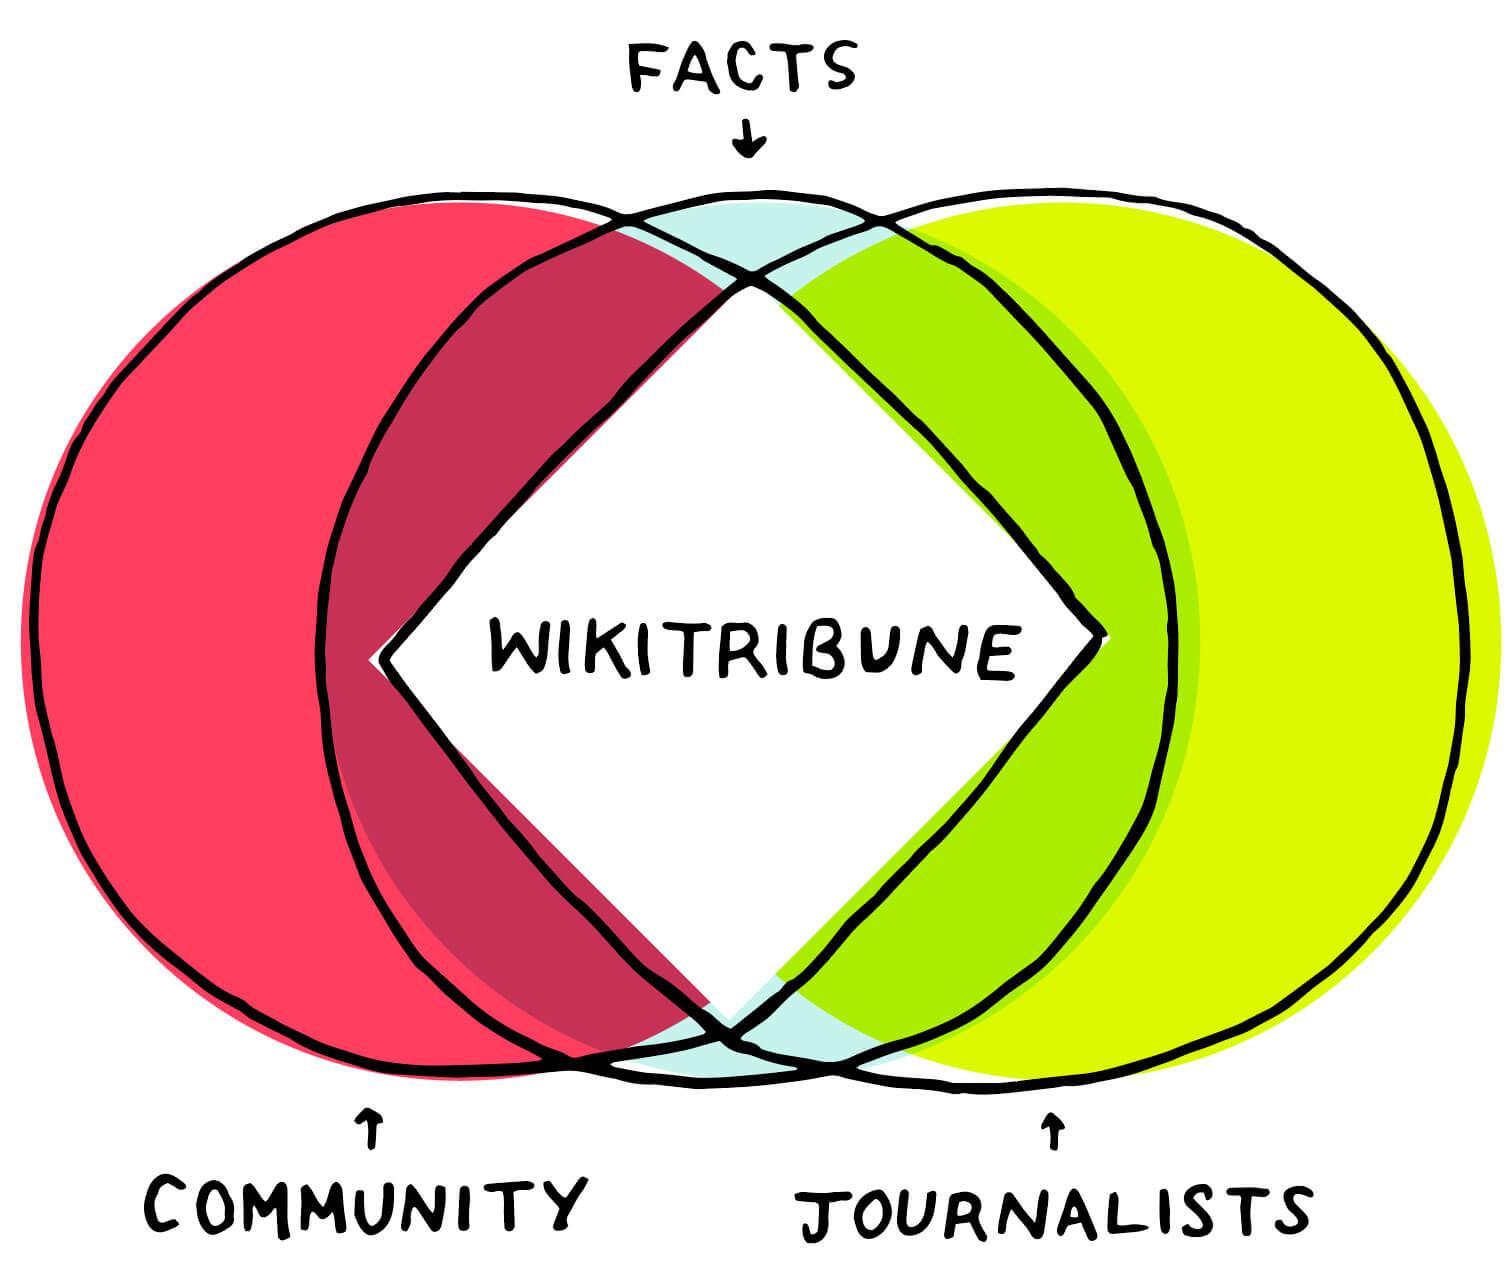 """Jimmy """"Wikipedia"""" Wales just launched an anti-fake-news wiki: Wikitribune"""